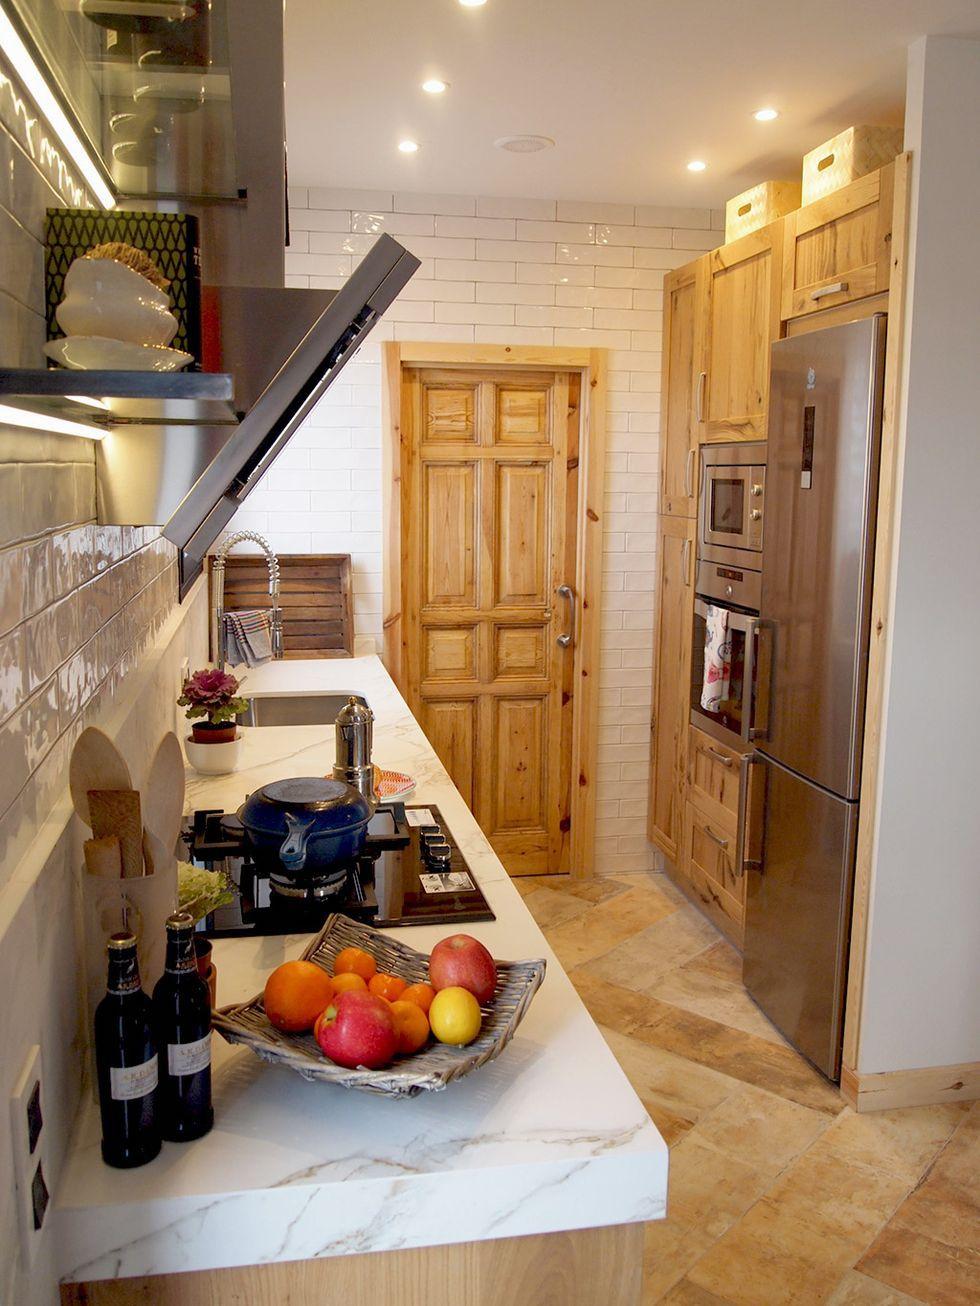 Cocina de estilo rústico con alacena al fondo